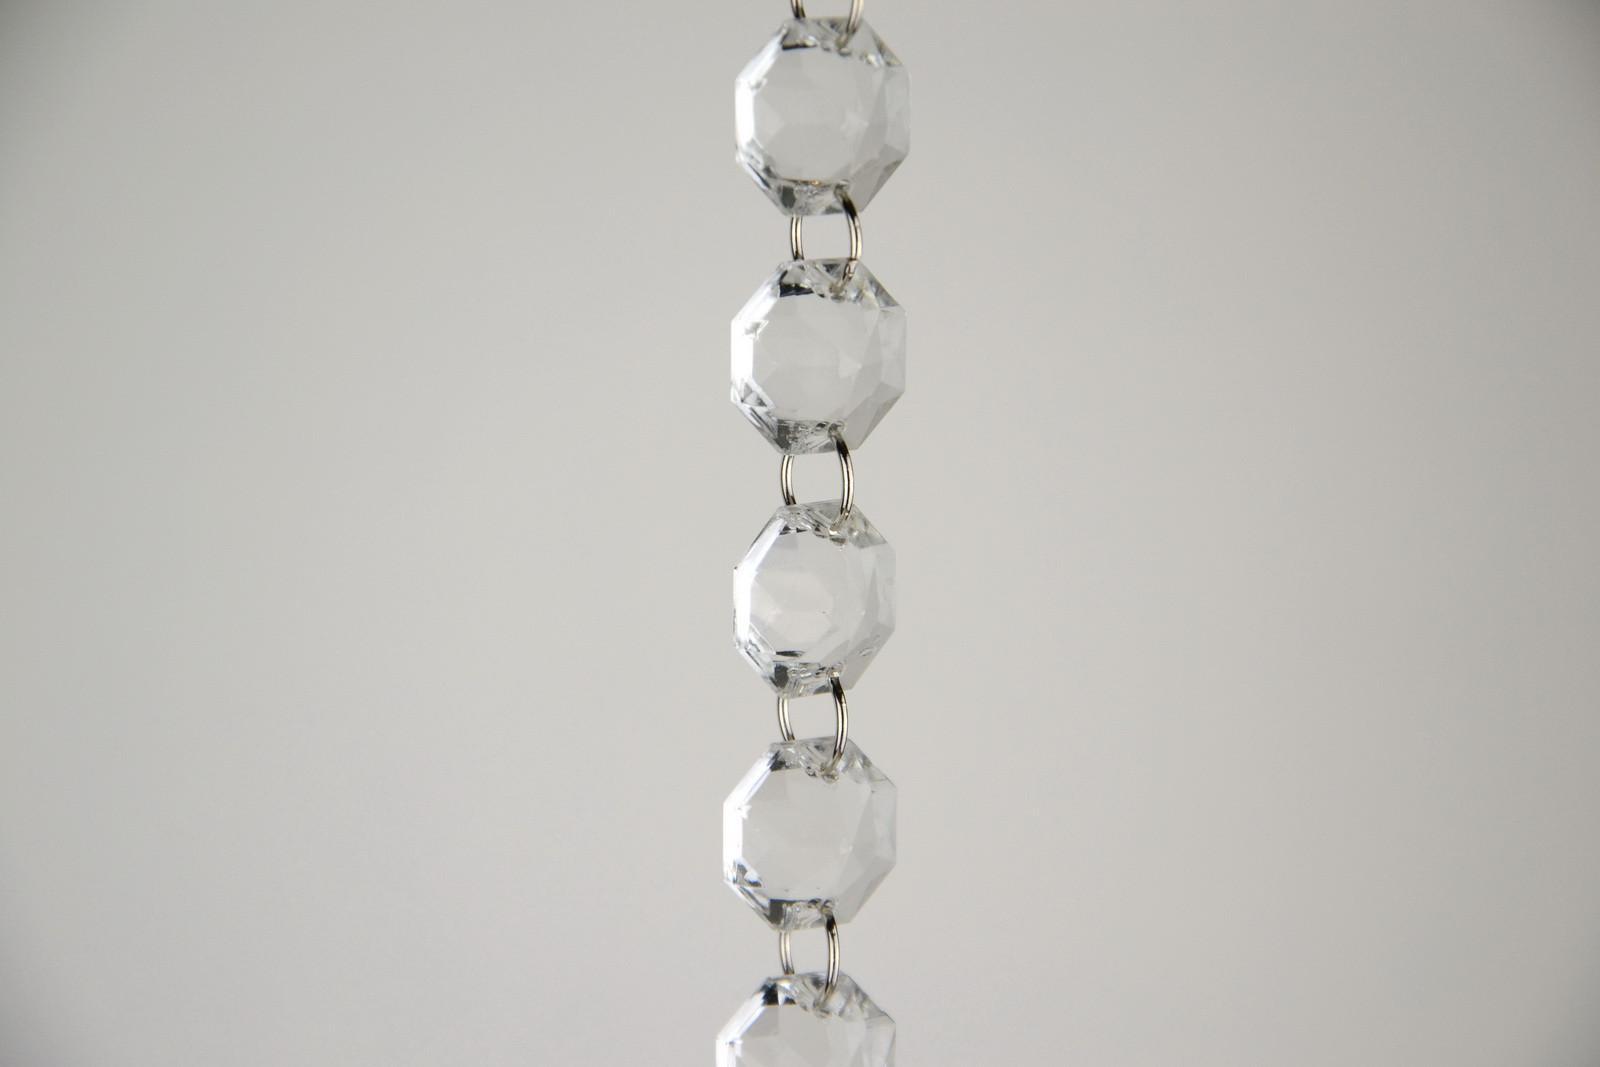 catena-lampadario-ottagoni-vetro-anello-nichel-3,1462.jpg?WebbinsCacheCounter=1